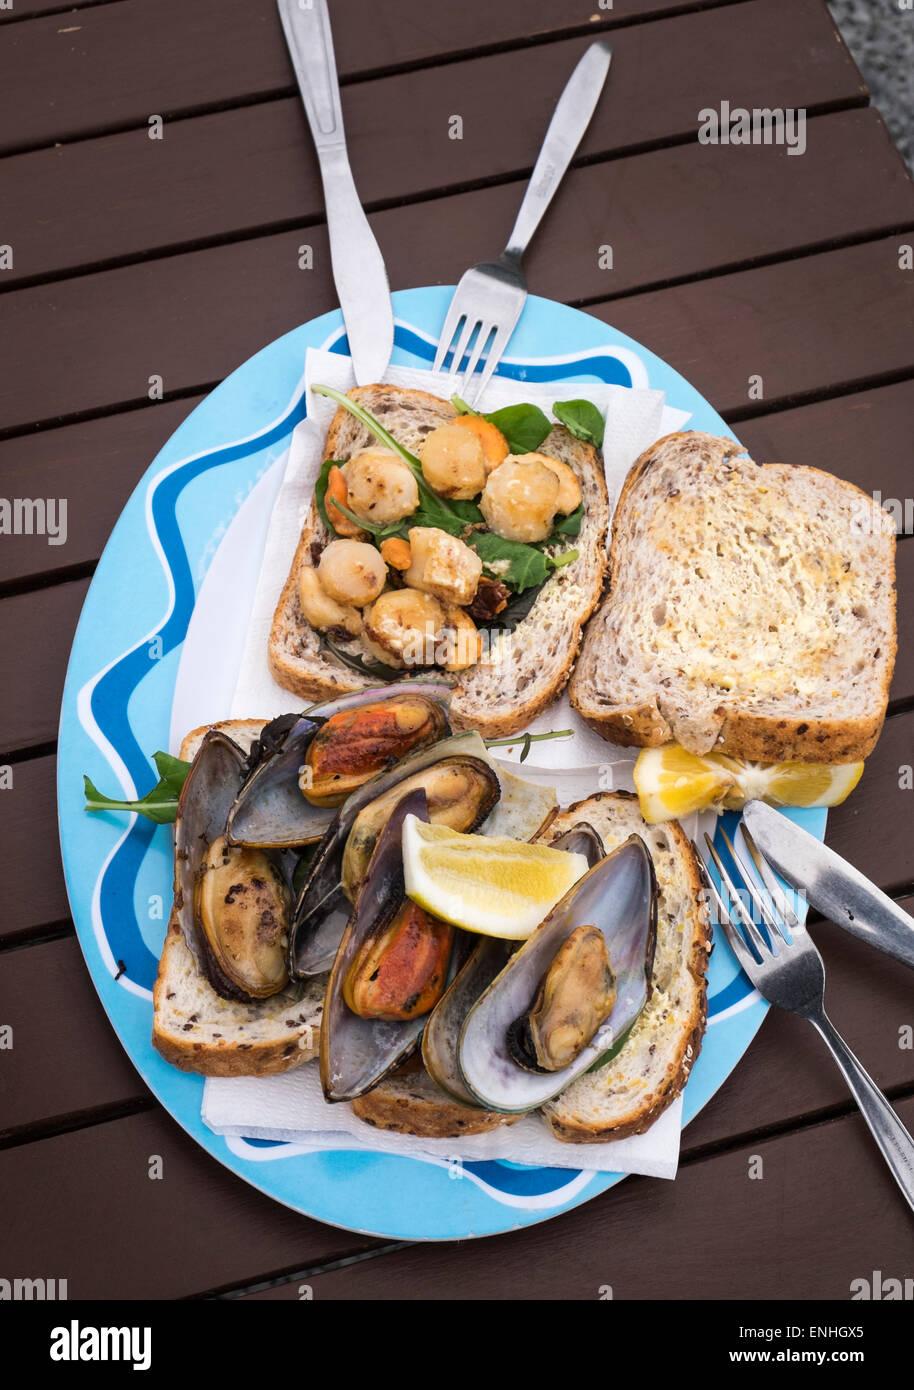 Capesante alla griglia e verde cozze a labbro sul pane in un cibo all'aperto shack sulla spiaggia di Kaikoura, Nuova Zelanda Foto Stock